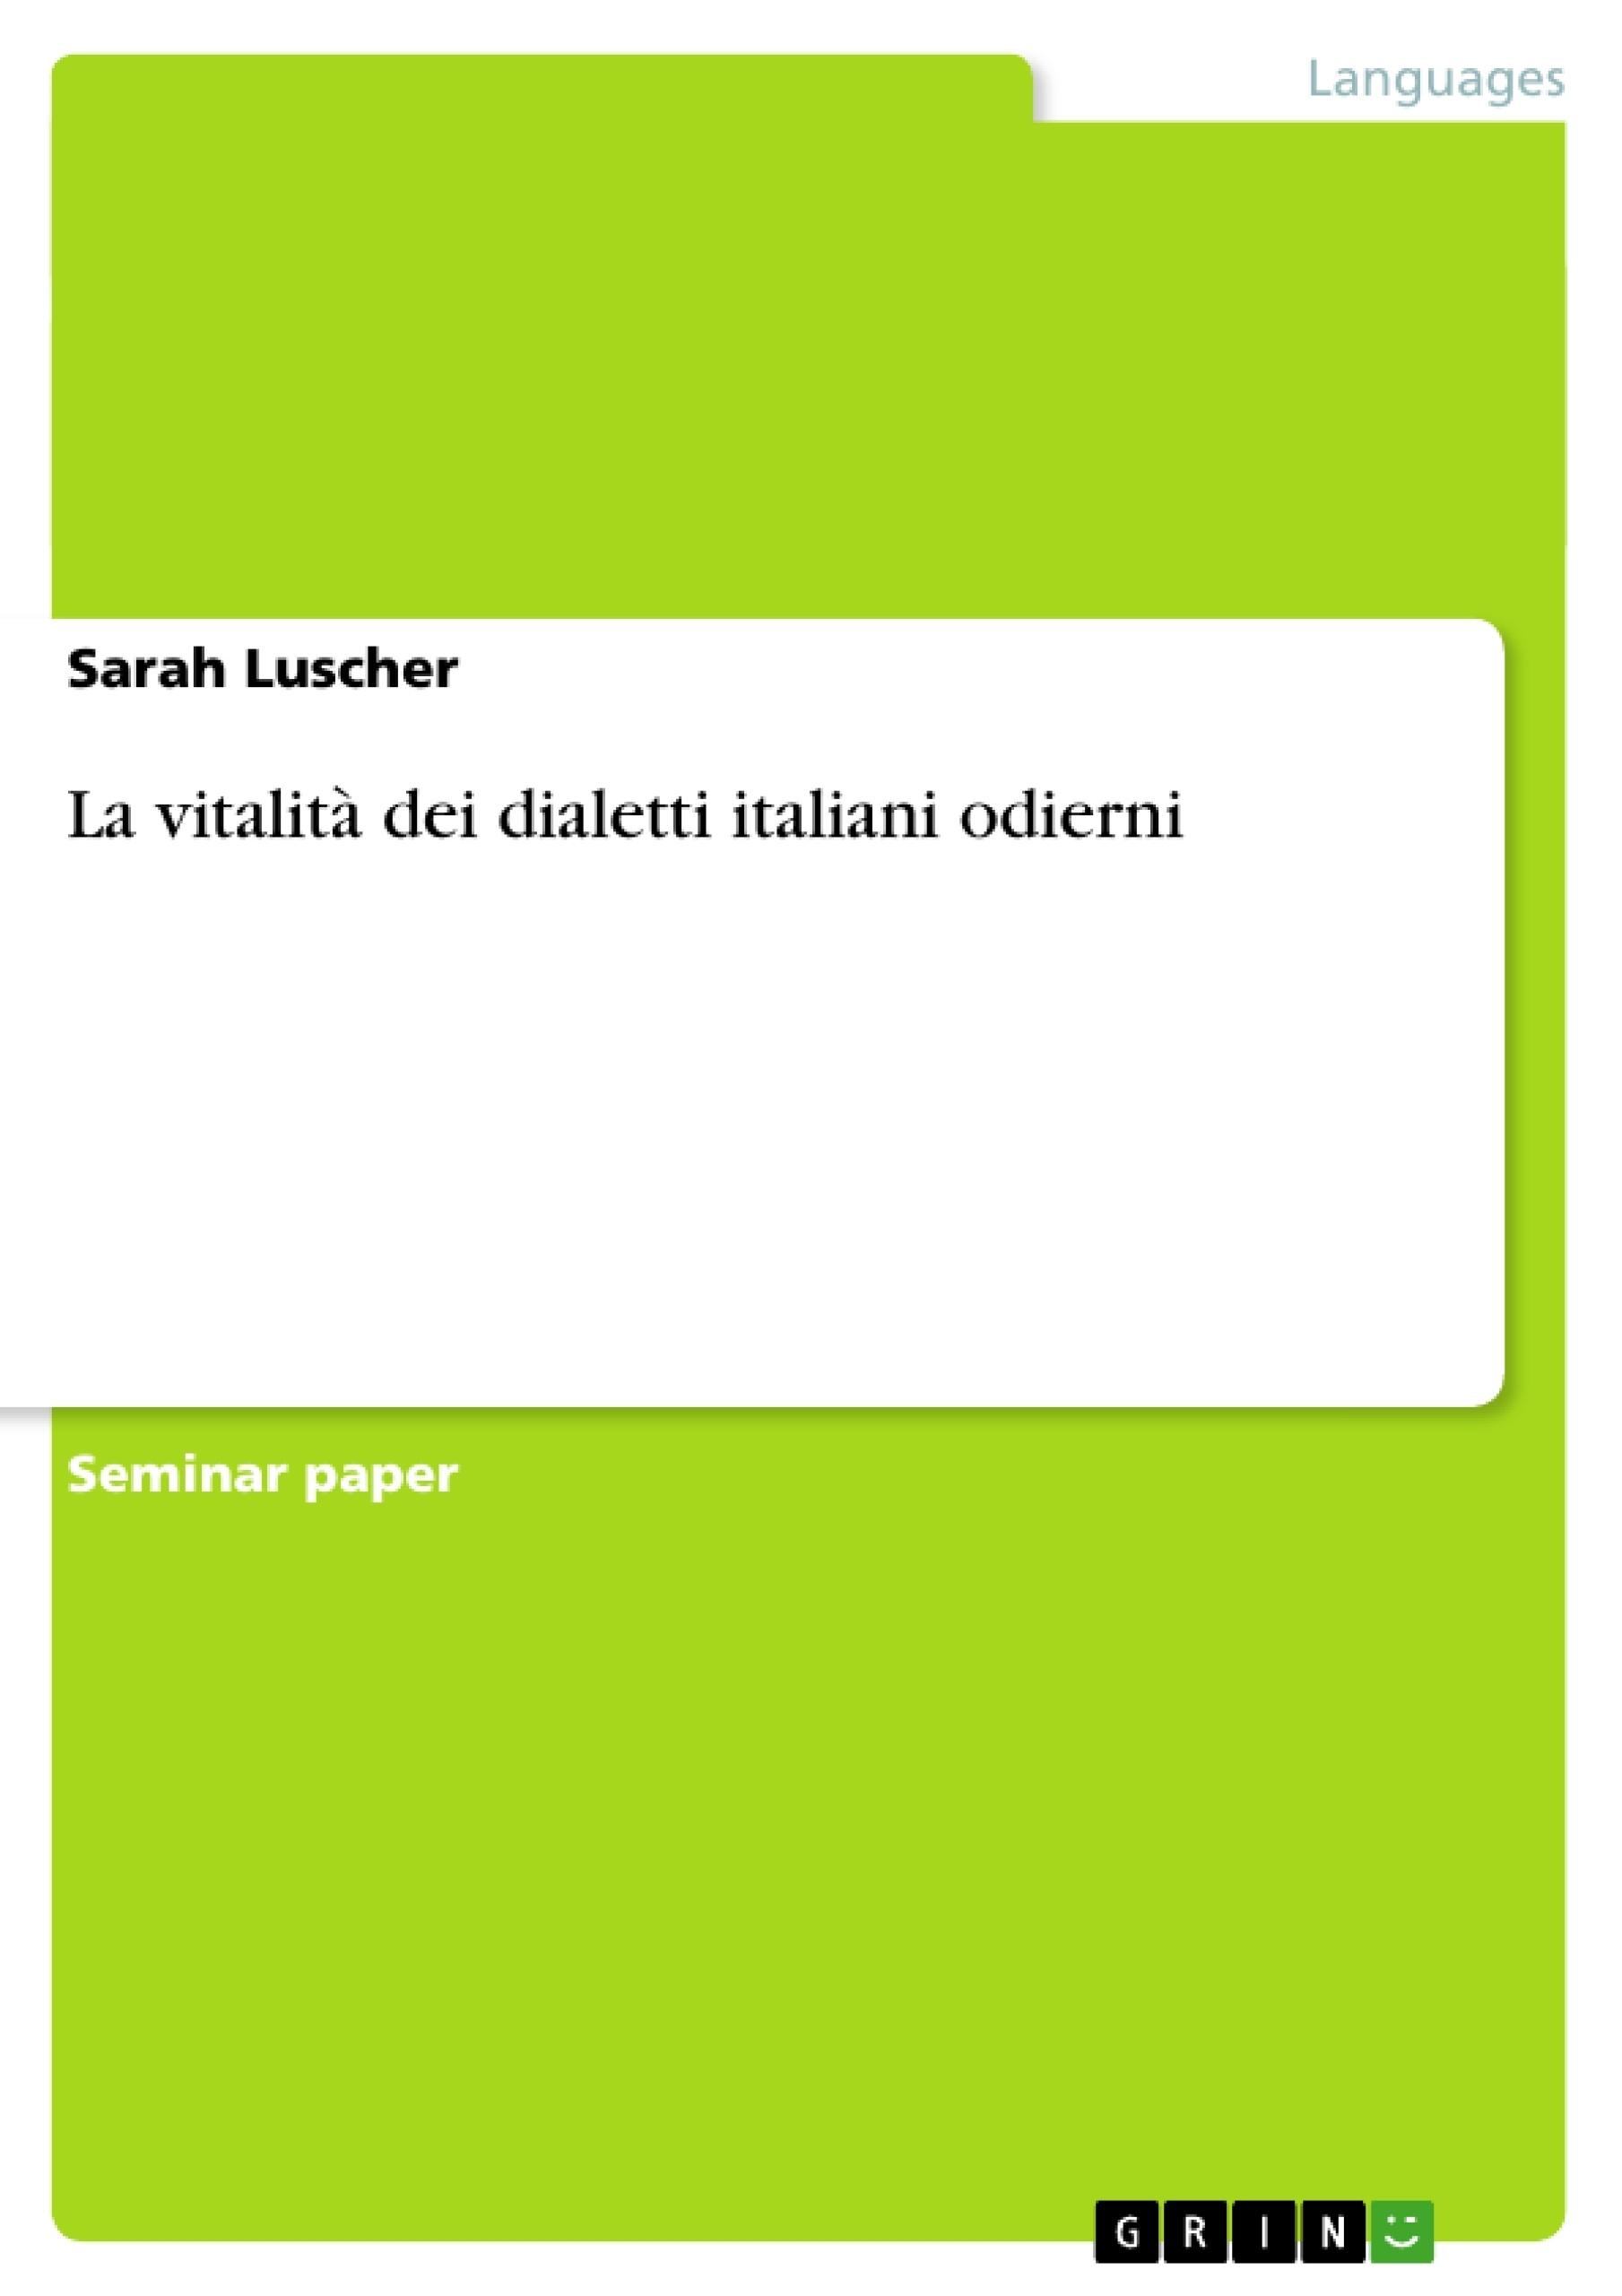 Title: La vitalità dei dialetti italiani odierni